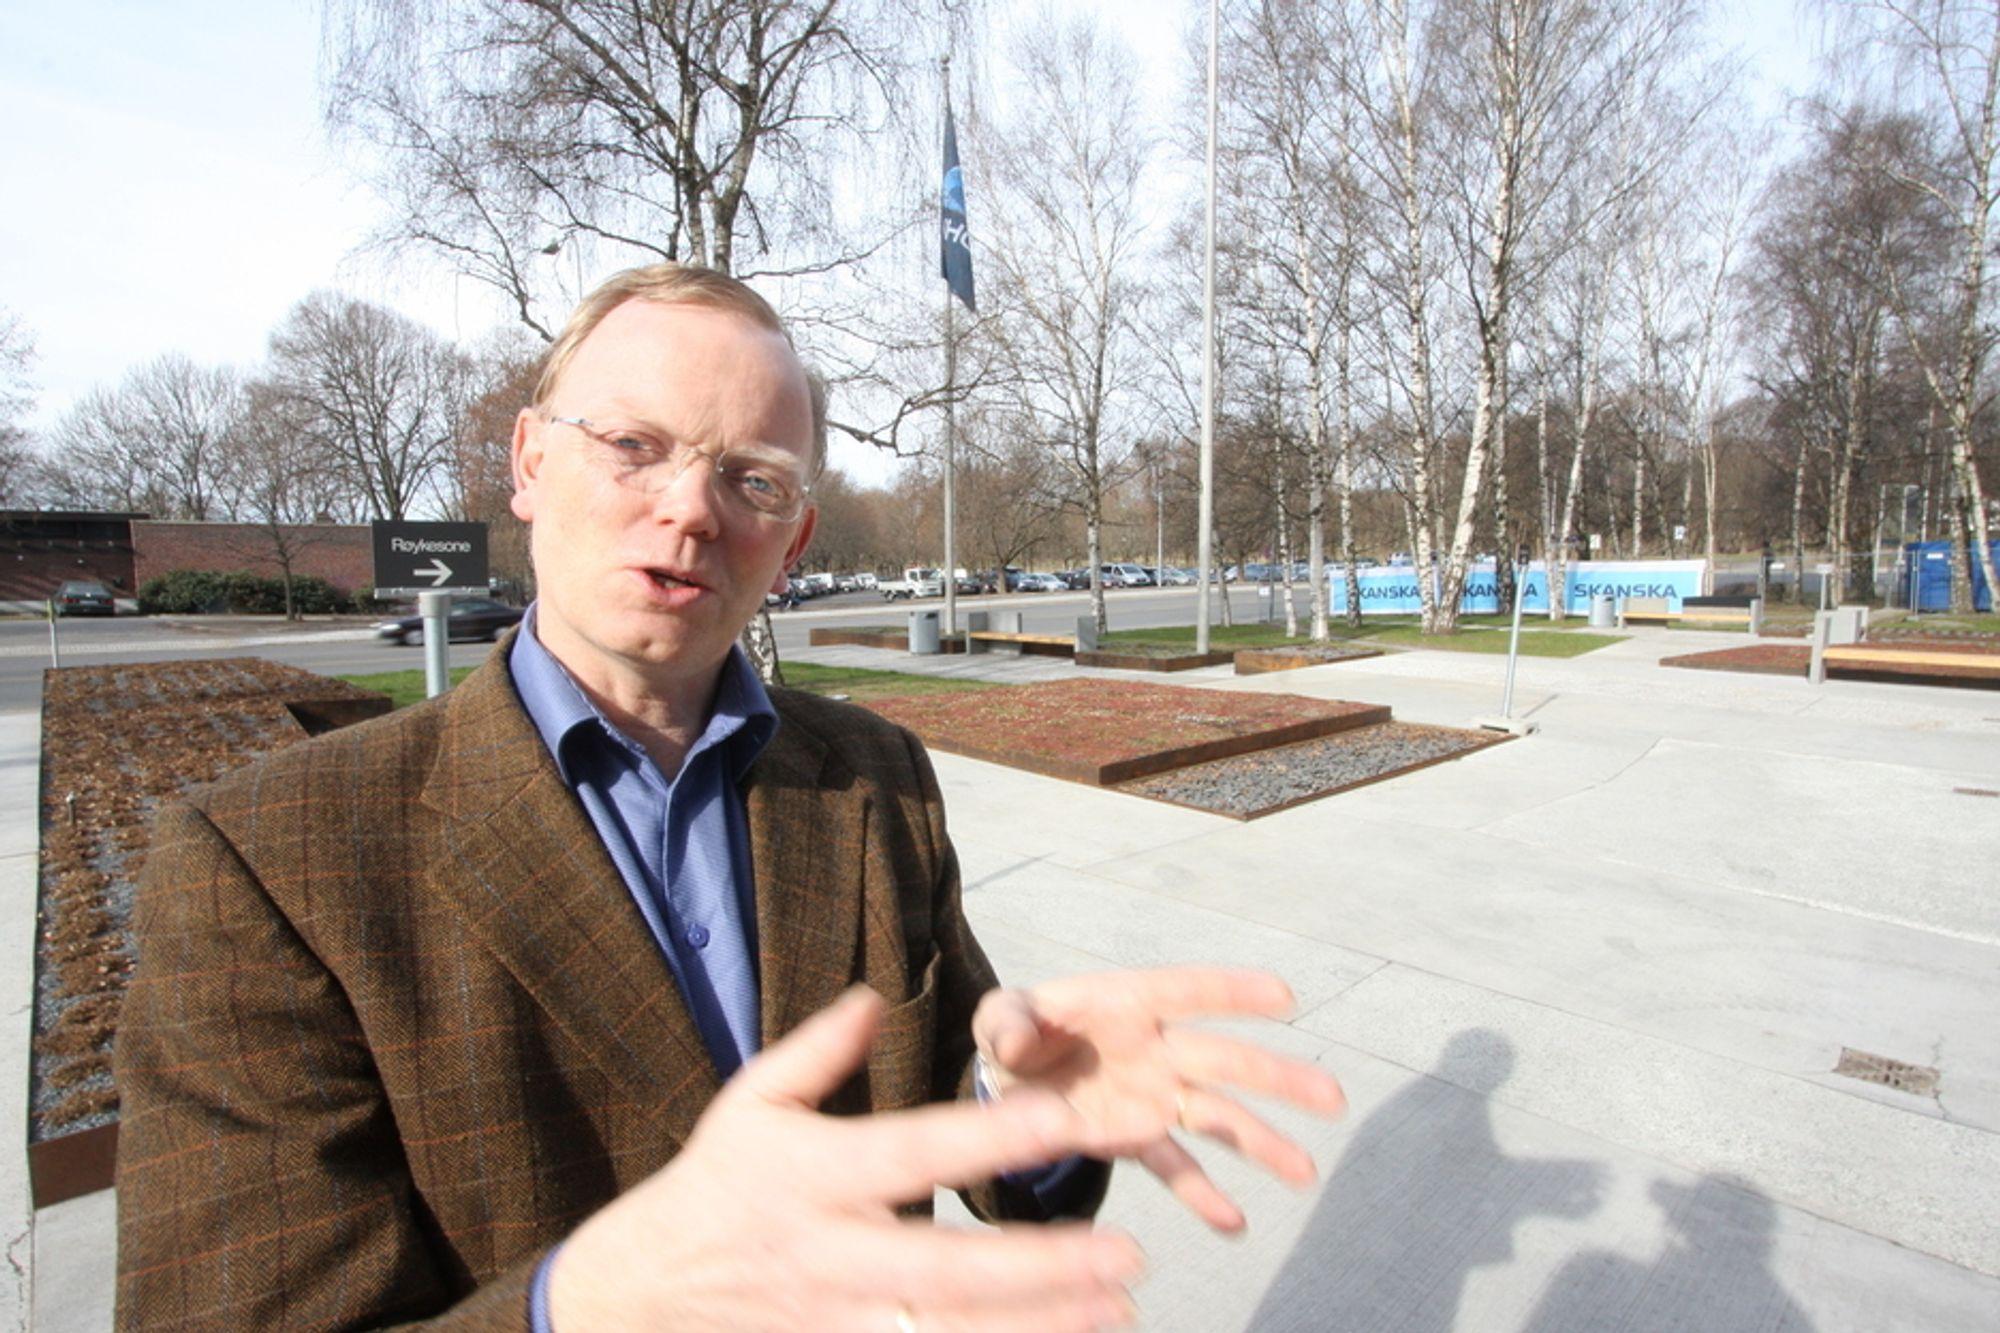 KARBONLEKKASJE: Sindre Finnes i Norsk Industri vil at norske myndigheter så snart som mulig skal signalisere om Norge implementerer de nye EU-reglene om karbonlekkasje.